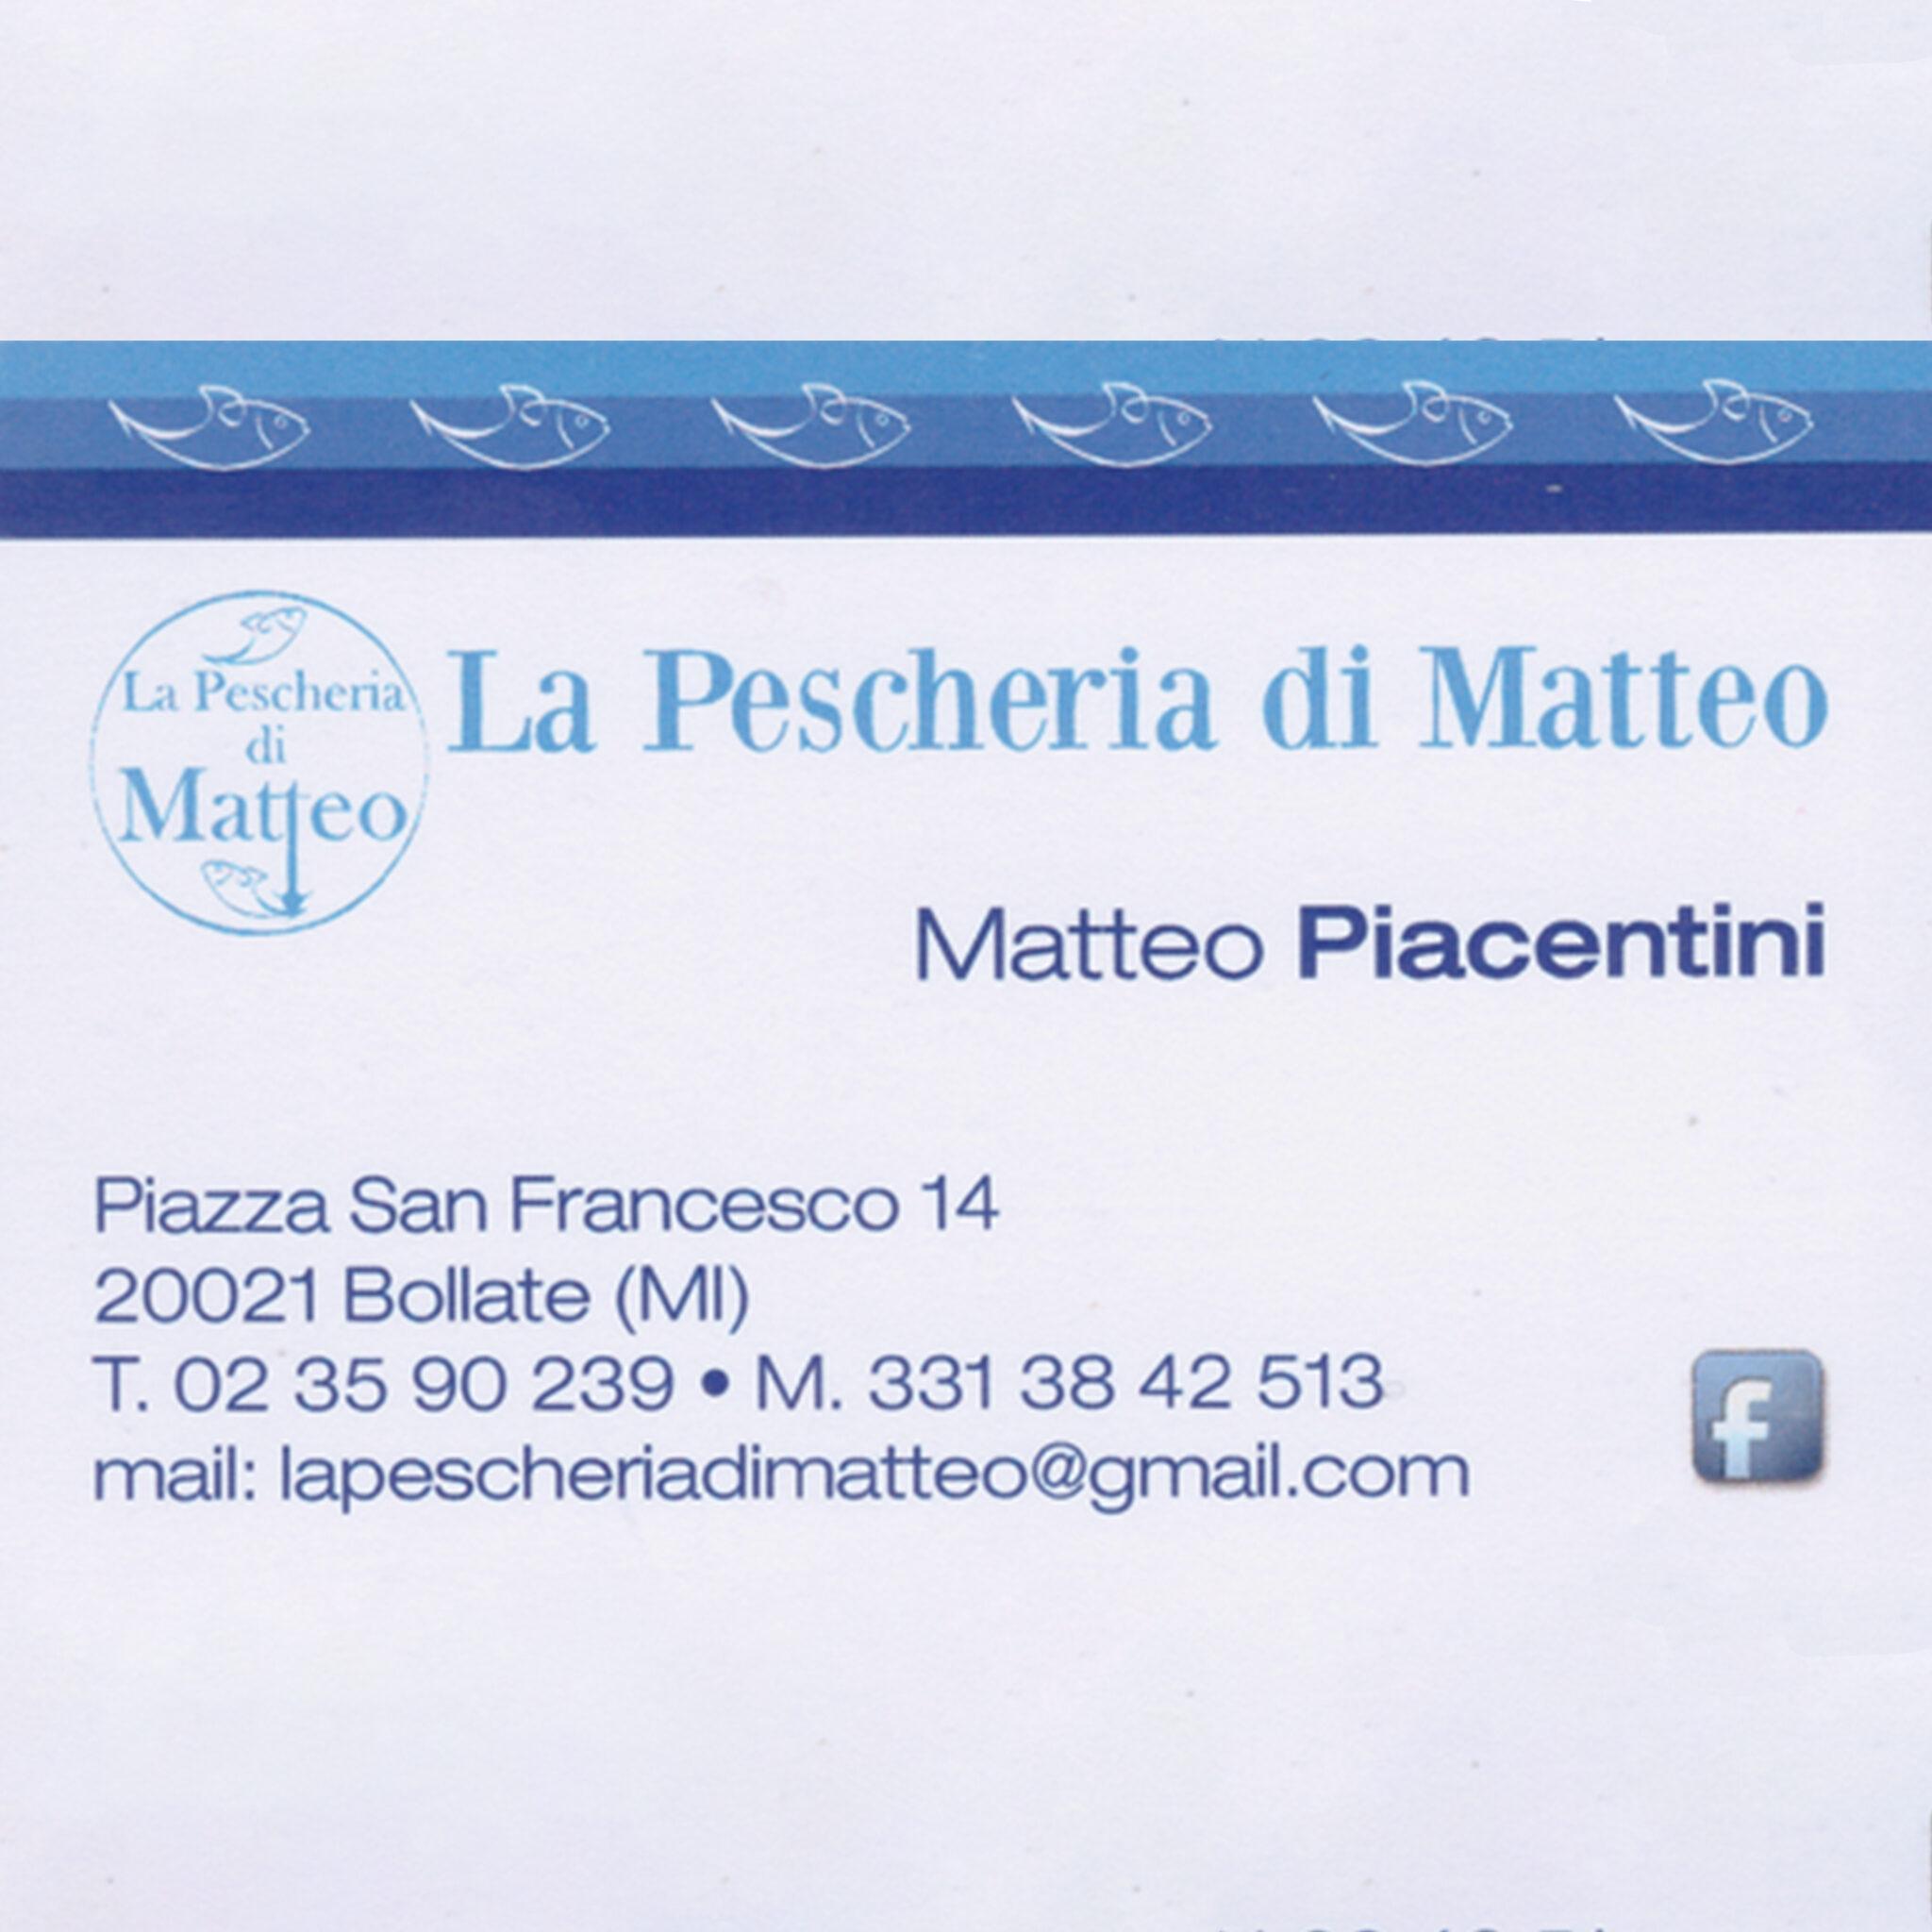 La Pescheria di Matteo